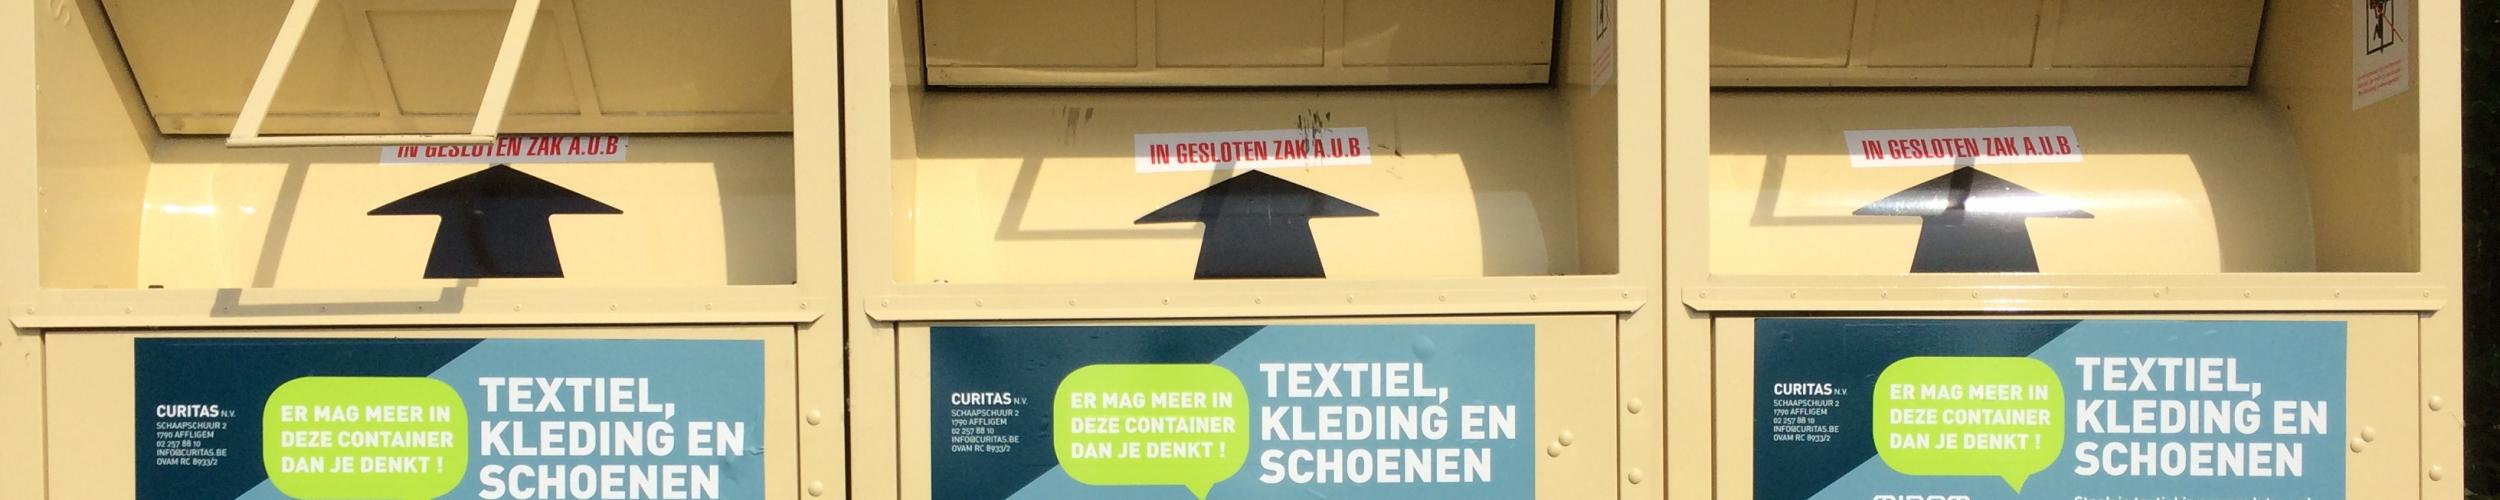 Textielcontainers: er mag meer in dan je denkt